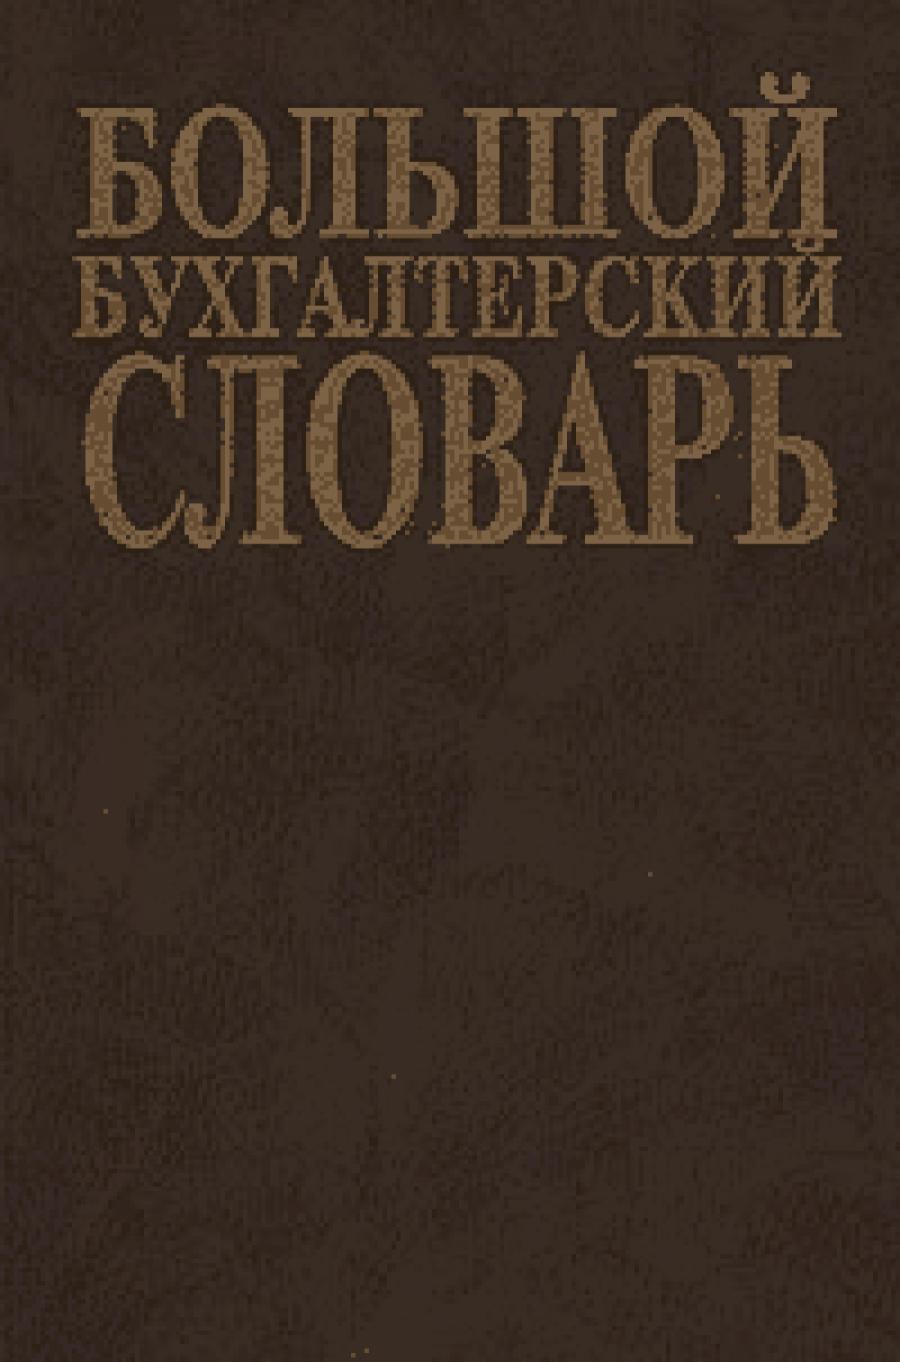 Обложка книги:  а.н. азрилиян - большой бухгалтерский словарь